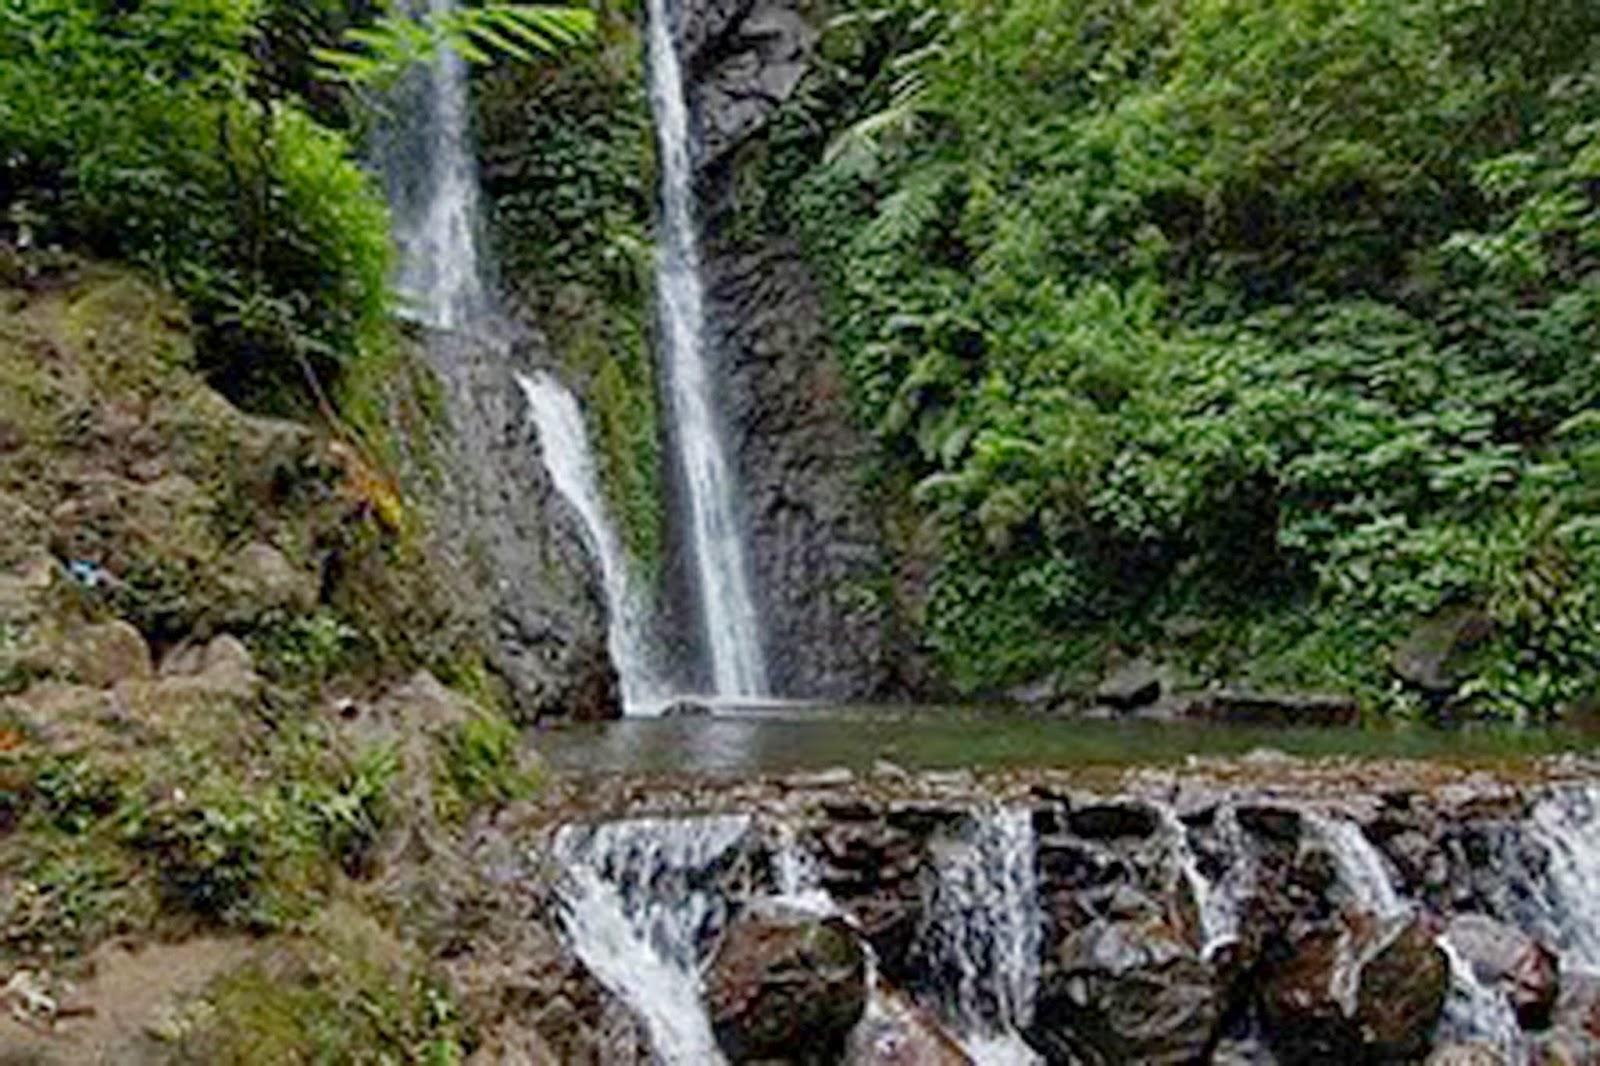 Indahnya Wisata Alam Hijau Curug Tujuh Panjalu Ciamis  Adin Blog\u002639;s